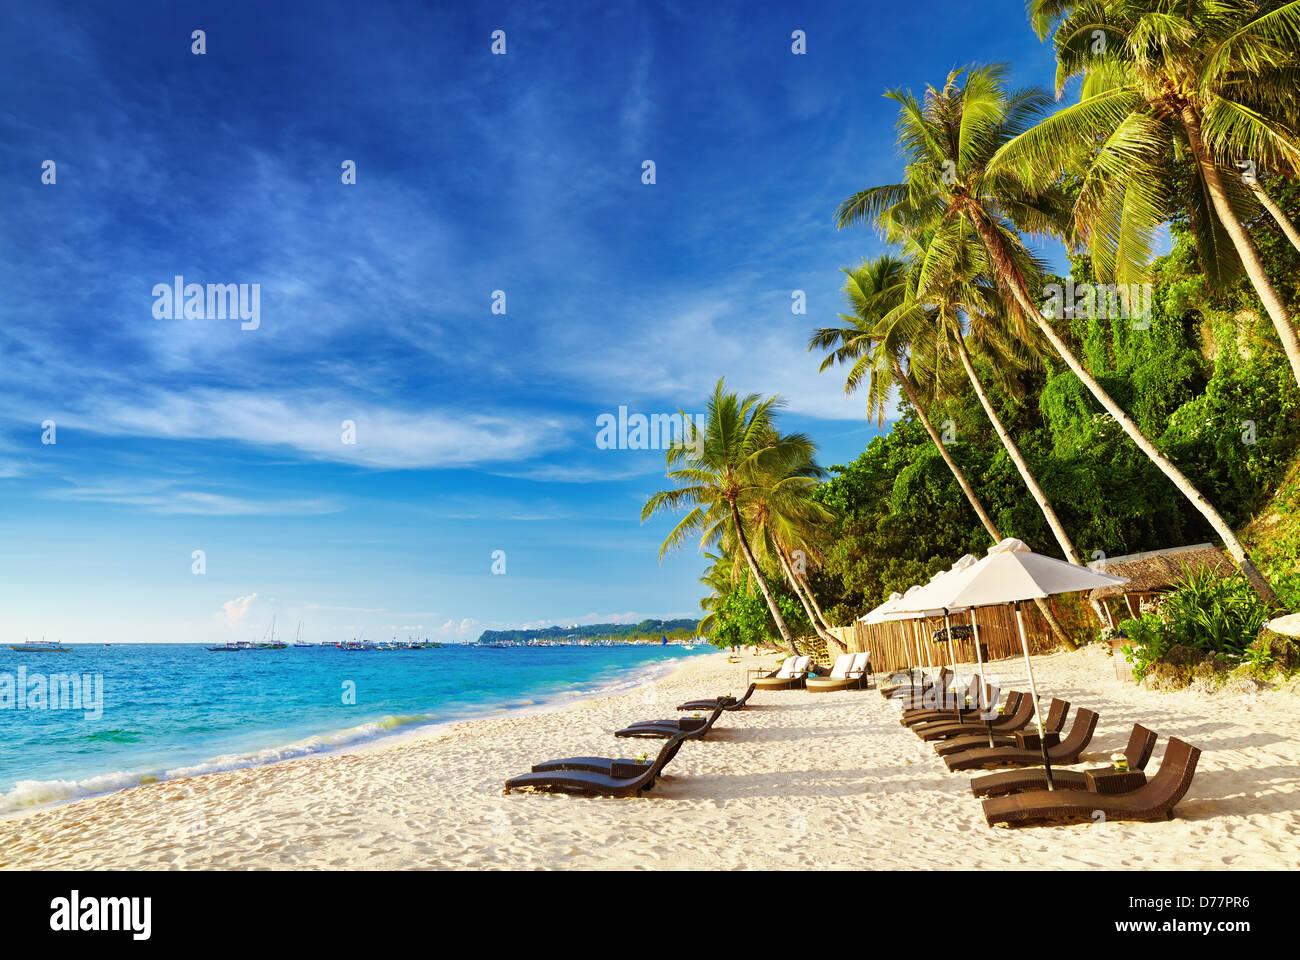 Playa Tropical, isla de Boracay, Filipinas Foto de stock